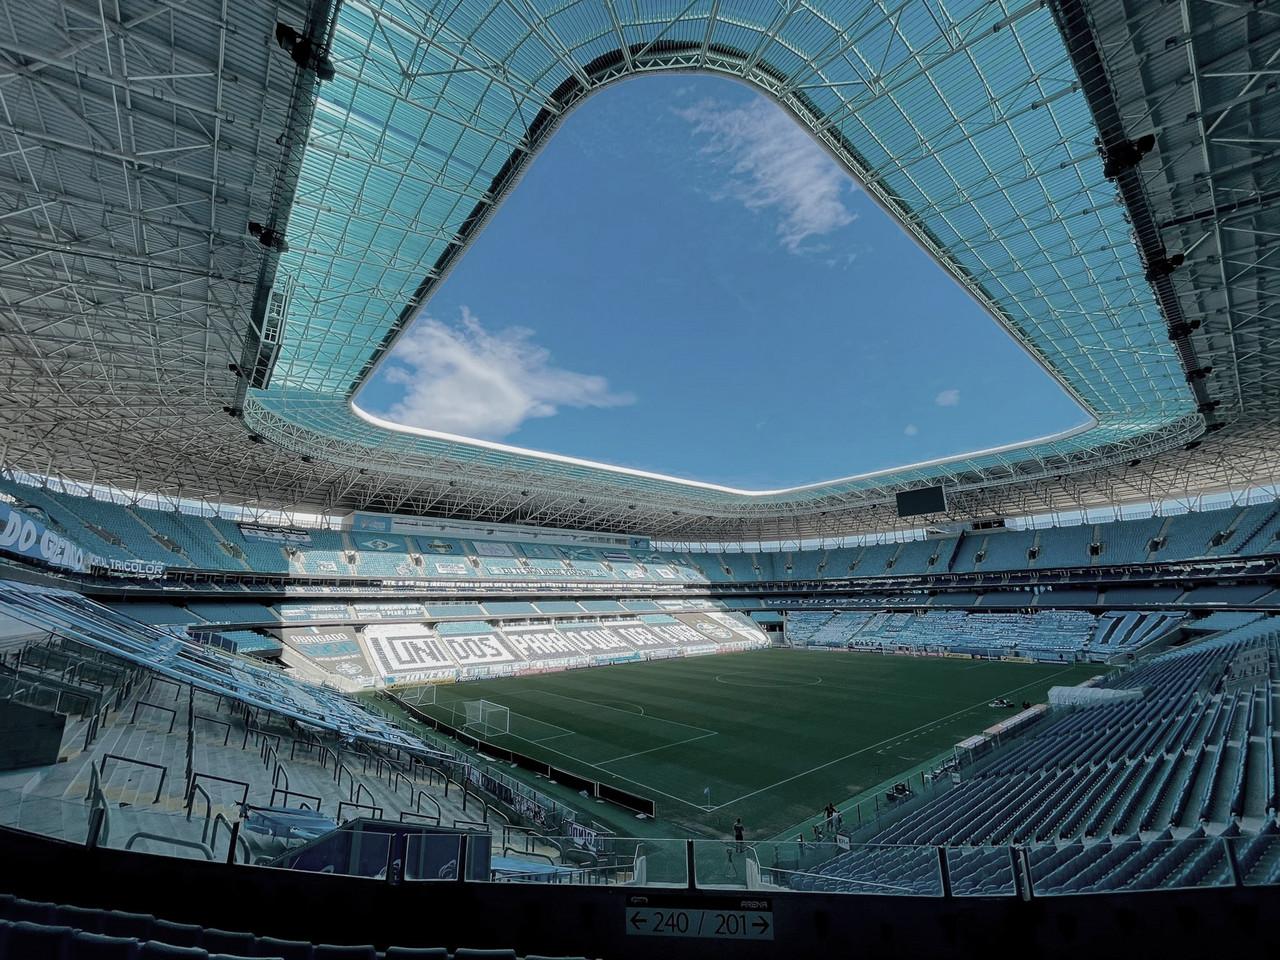 Desfalcado e com surto de Covid, Grêmio estreia na Copa do Brasil contra Brasiliense